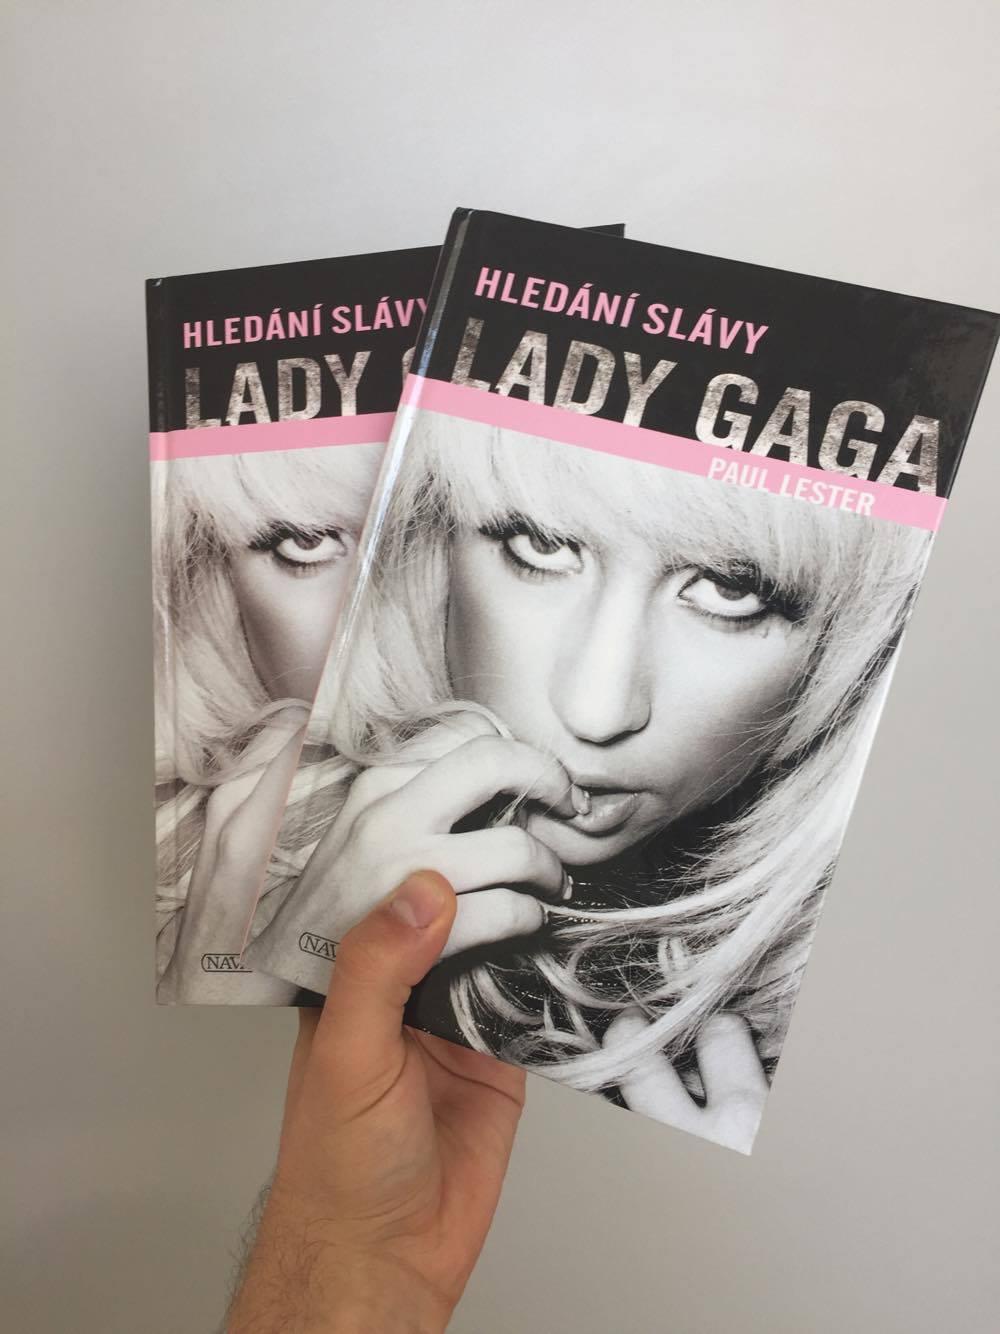 Vyhrajte 2x knihu Hledání slávy Lady Gaga!